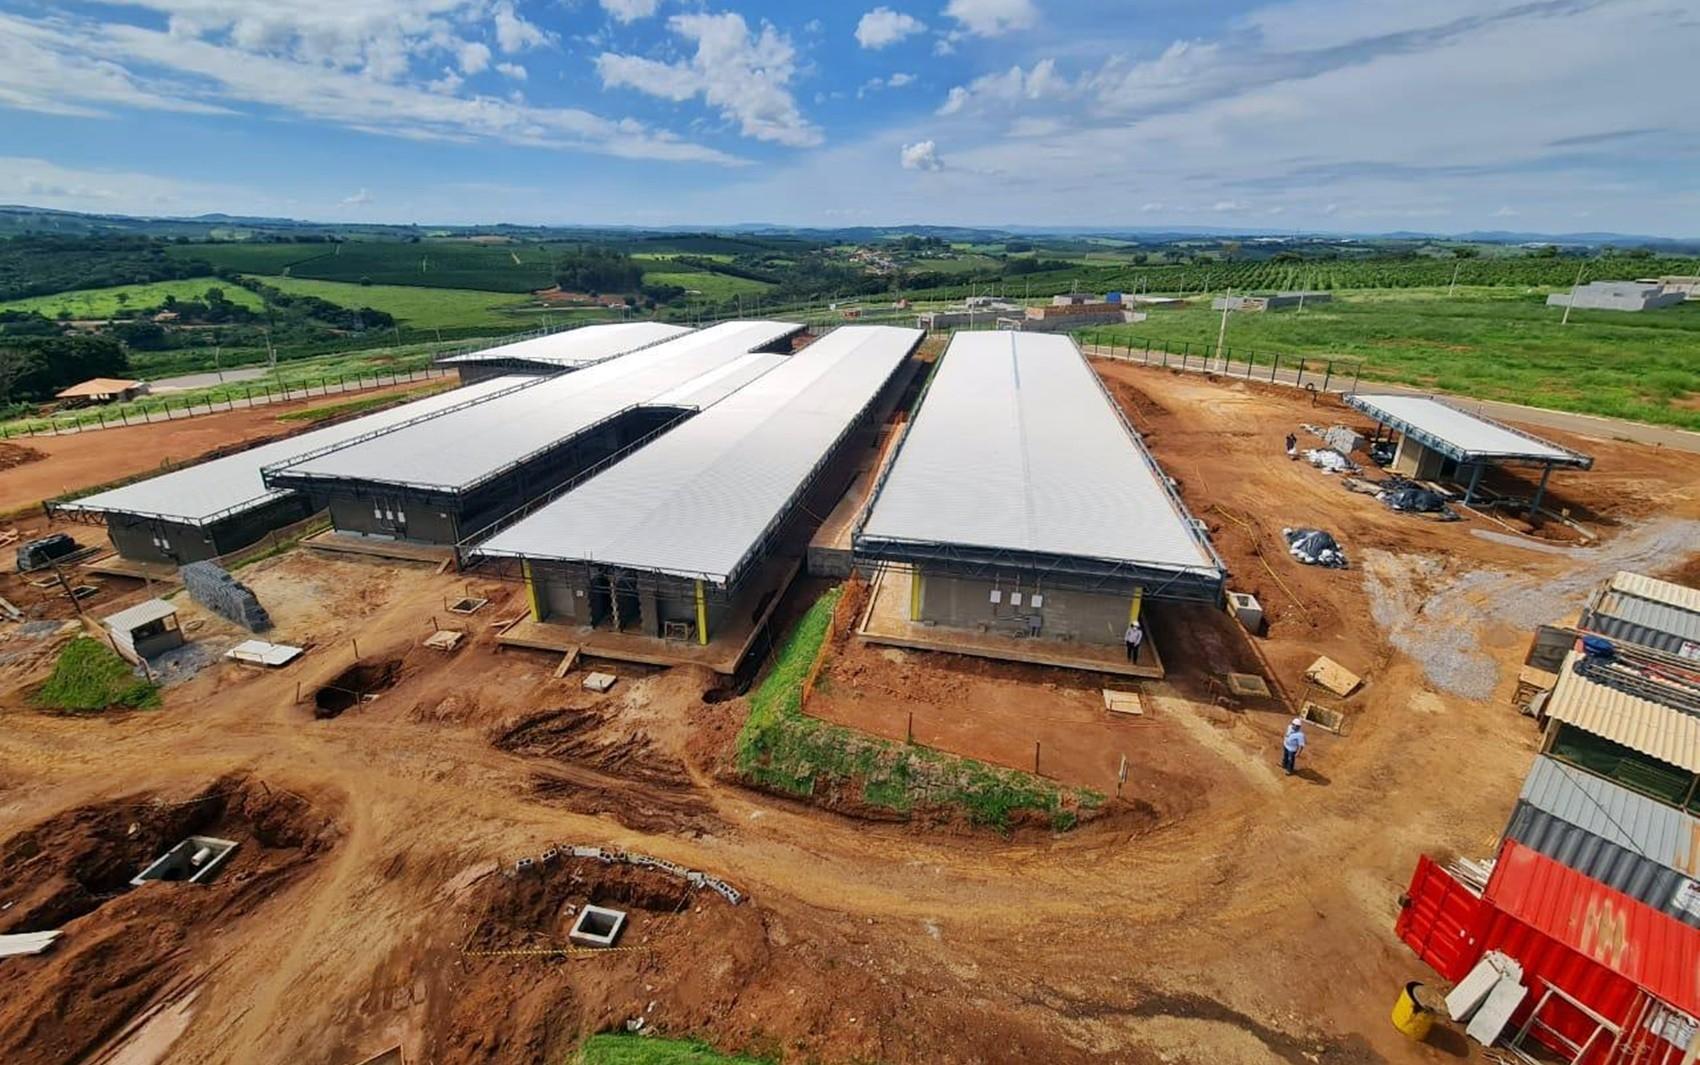 Centro de Excelência em Cafeicultura deve iniciar atividades em 2022 em Varginha